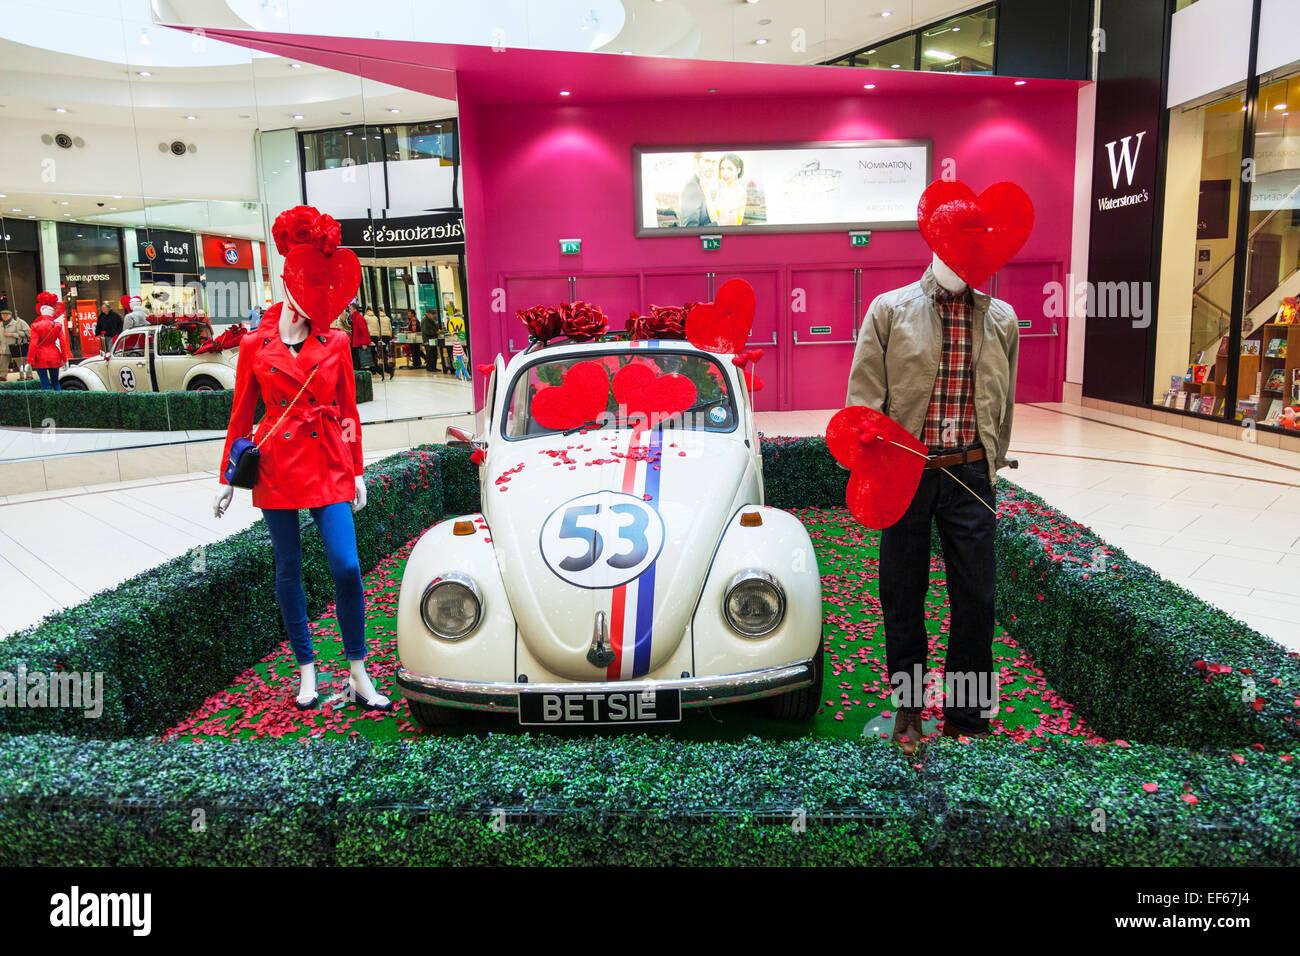 Herbie Volkswagan Käfer Auto Cabrio Valentinstag Liebe Herzen  Fahrzeuginneren Doncaster Stadt South Yorkshire UK England Betsie